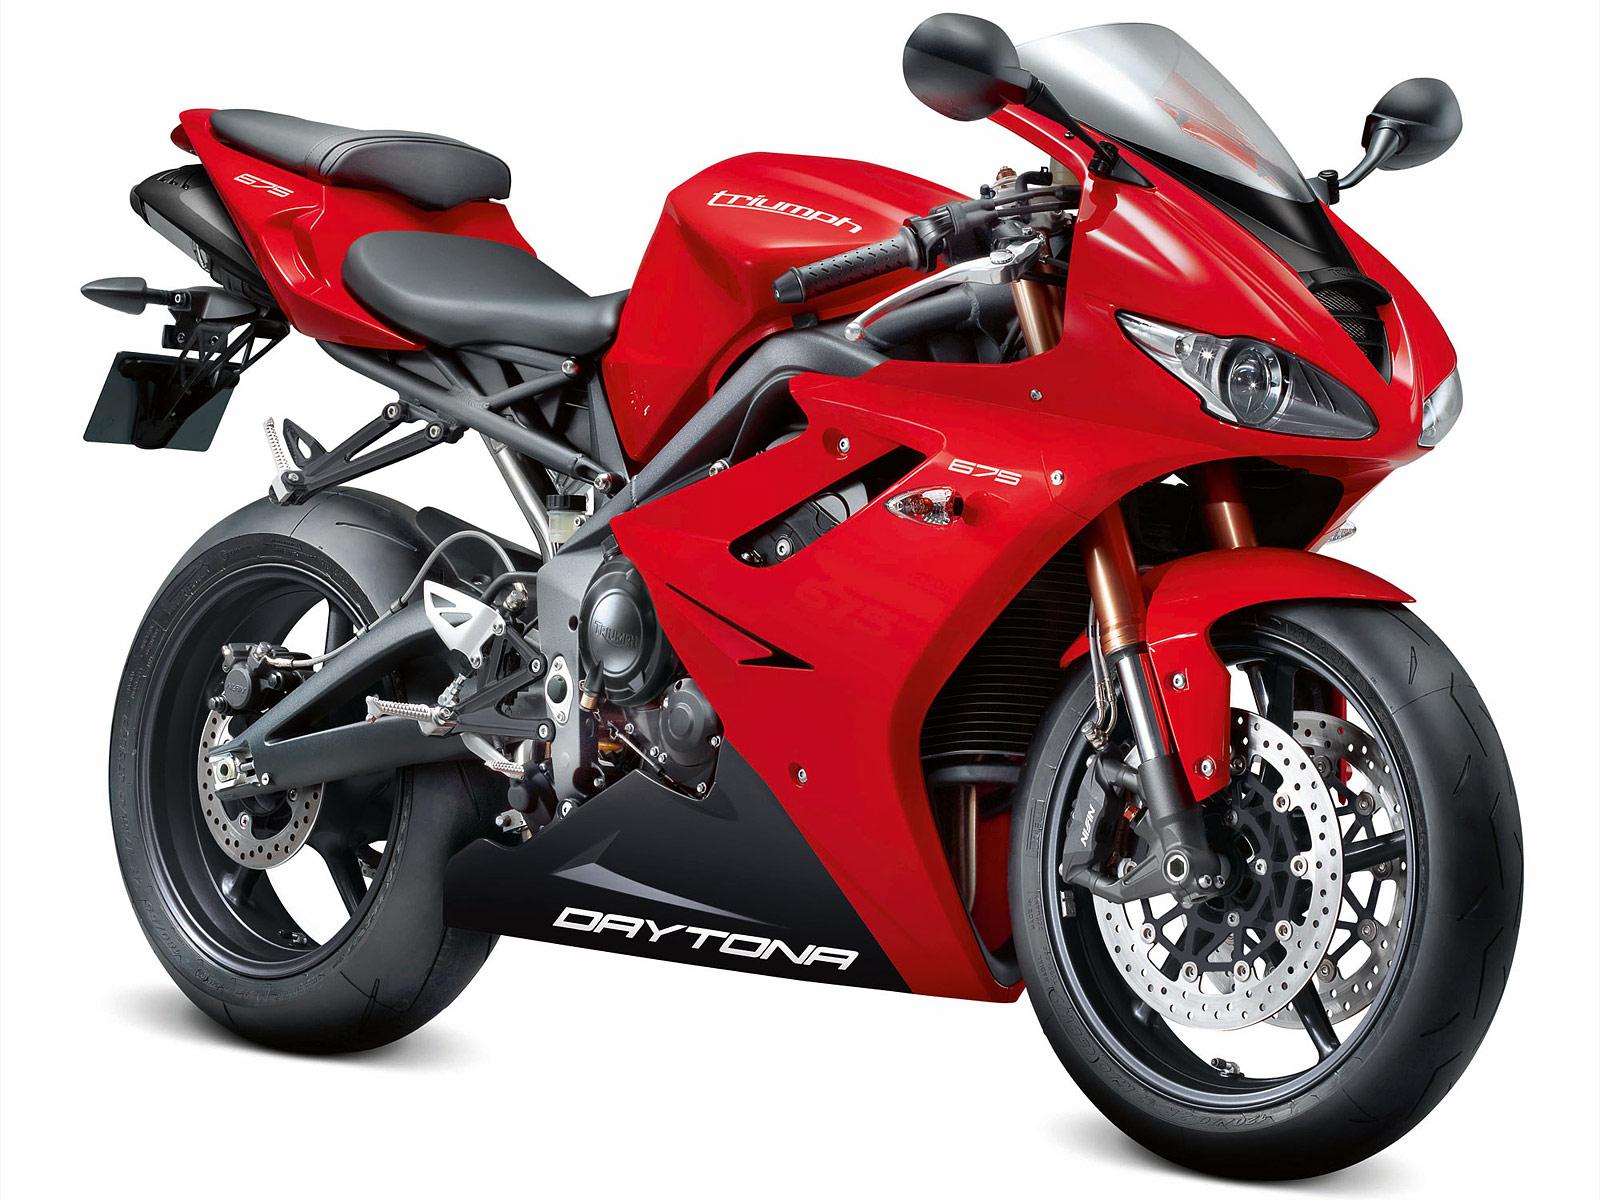 http://2.bp.blogspot.com/-WR64d2uAHDM/T3J3RtnekRI/AAAAAAAAAxg/EpVAtAXTgFU/s1600/motorbike-picture_2012-Triumph-Daytona-675-1.jpg